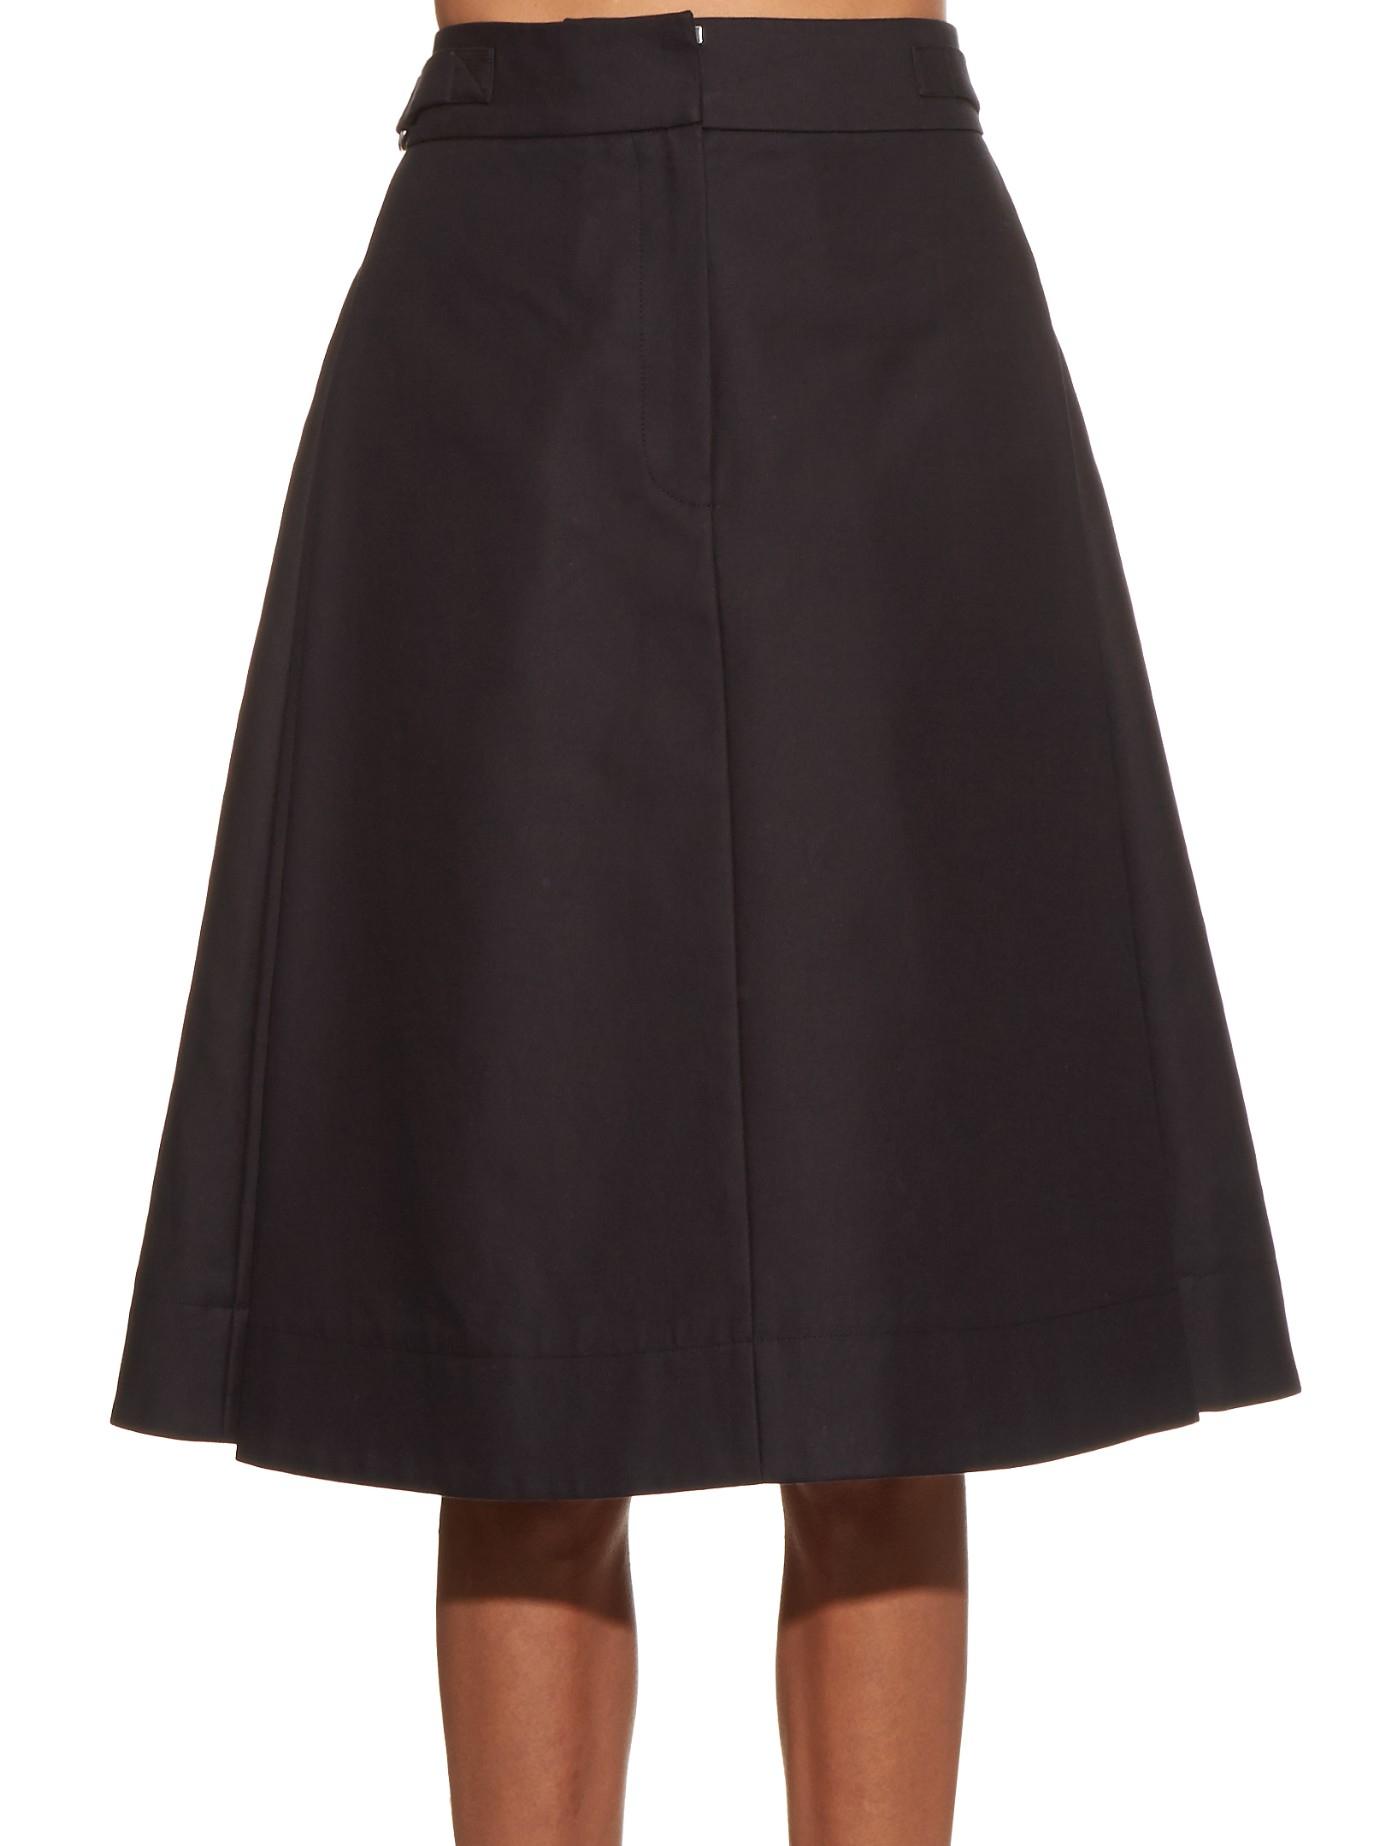 Alexander wang High-waisted A-line Skirt in Black   Lyst